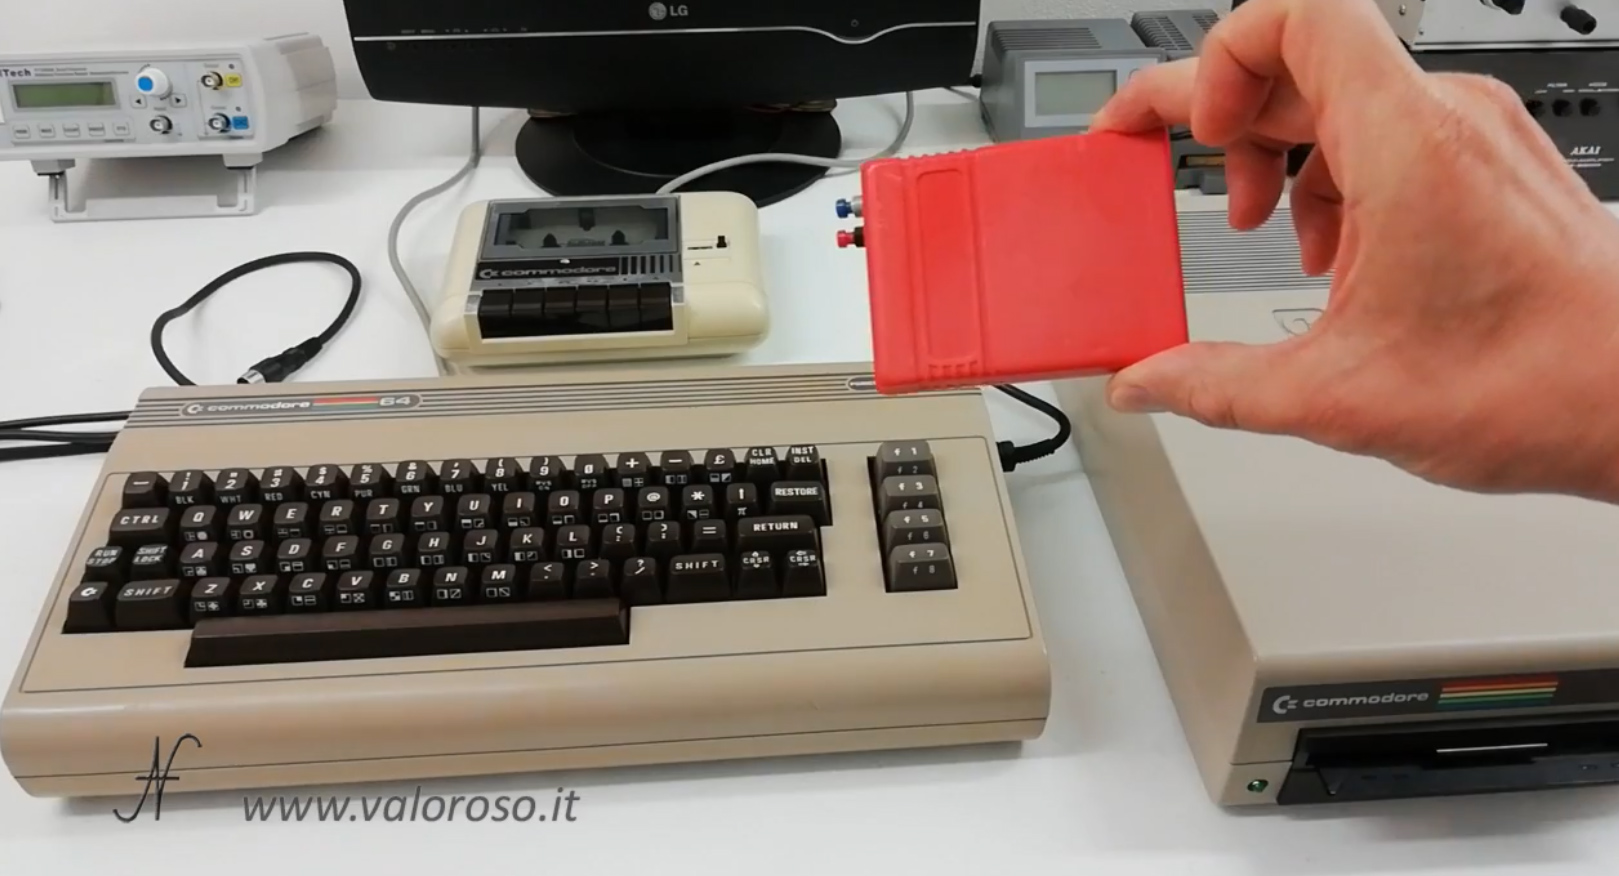 Datel Action Replay, Commodore 64, floppy disk 1541 datassette, copia, trasferimento videogioco, videogame